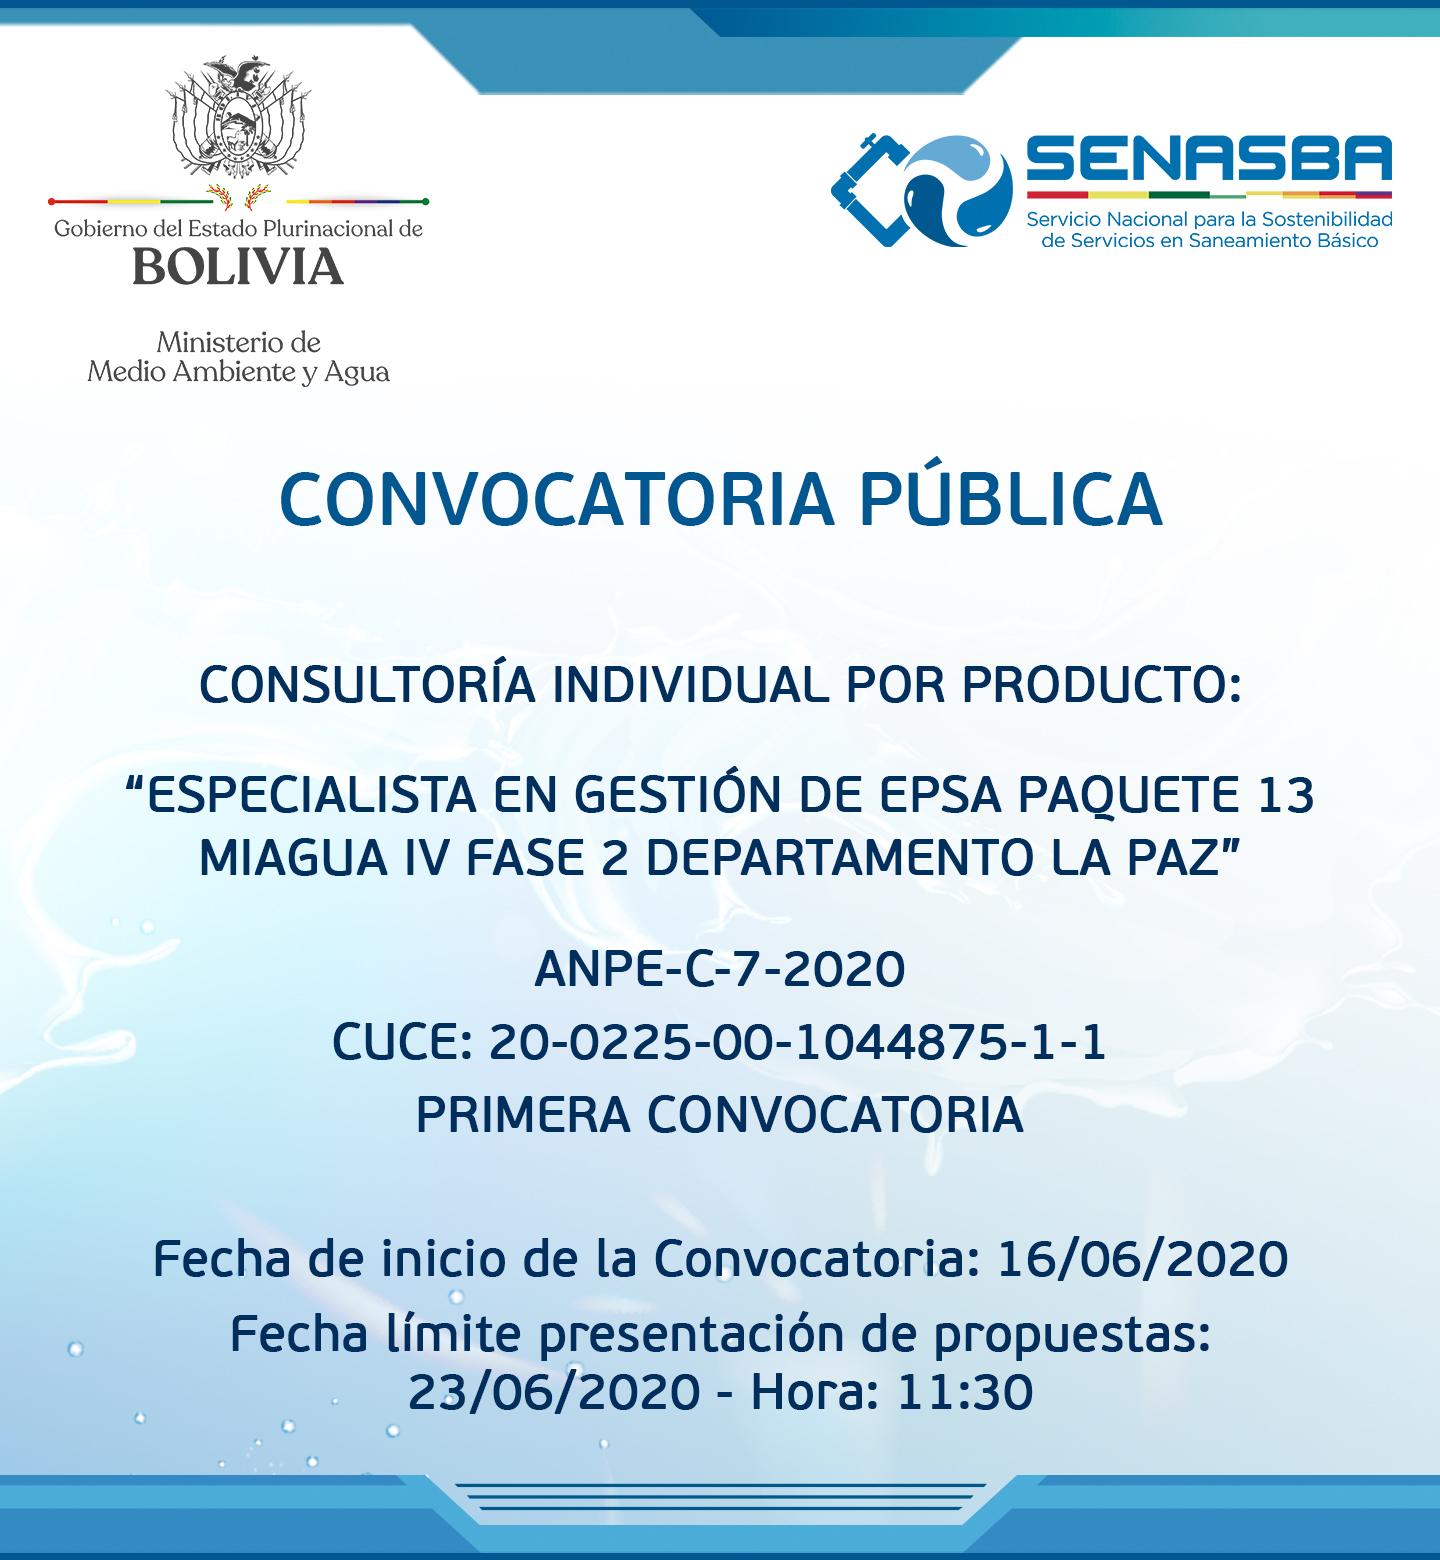 ESPECIALISTA EN GESTIÓN DE EPSA PAQUETE 13 MIAGUA IV FASE 2 DEPARTAMENTO LA PAZ